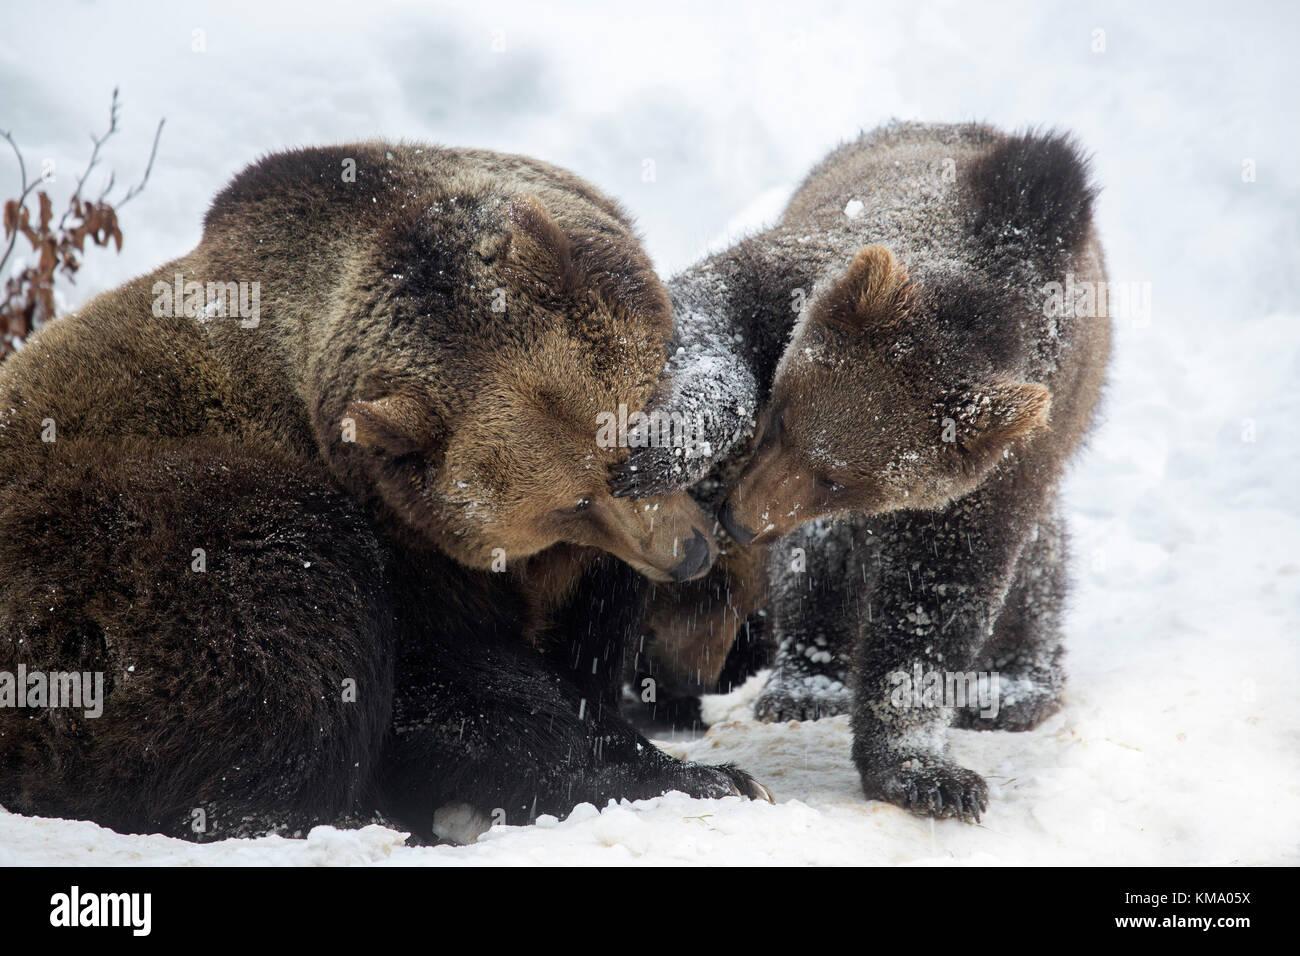 Riproduzione femminile con uno-anno-vecchio brown Bear Cub (Ursus arctos arctos) nella neve in inverno Immagini Stock